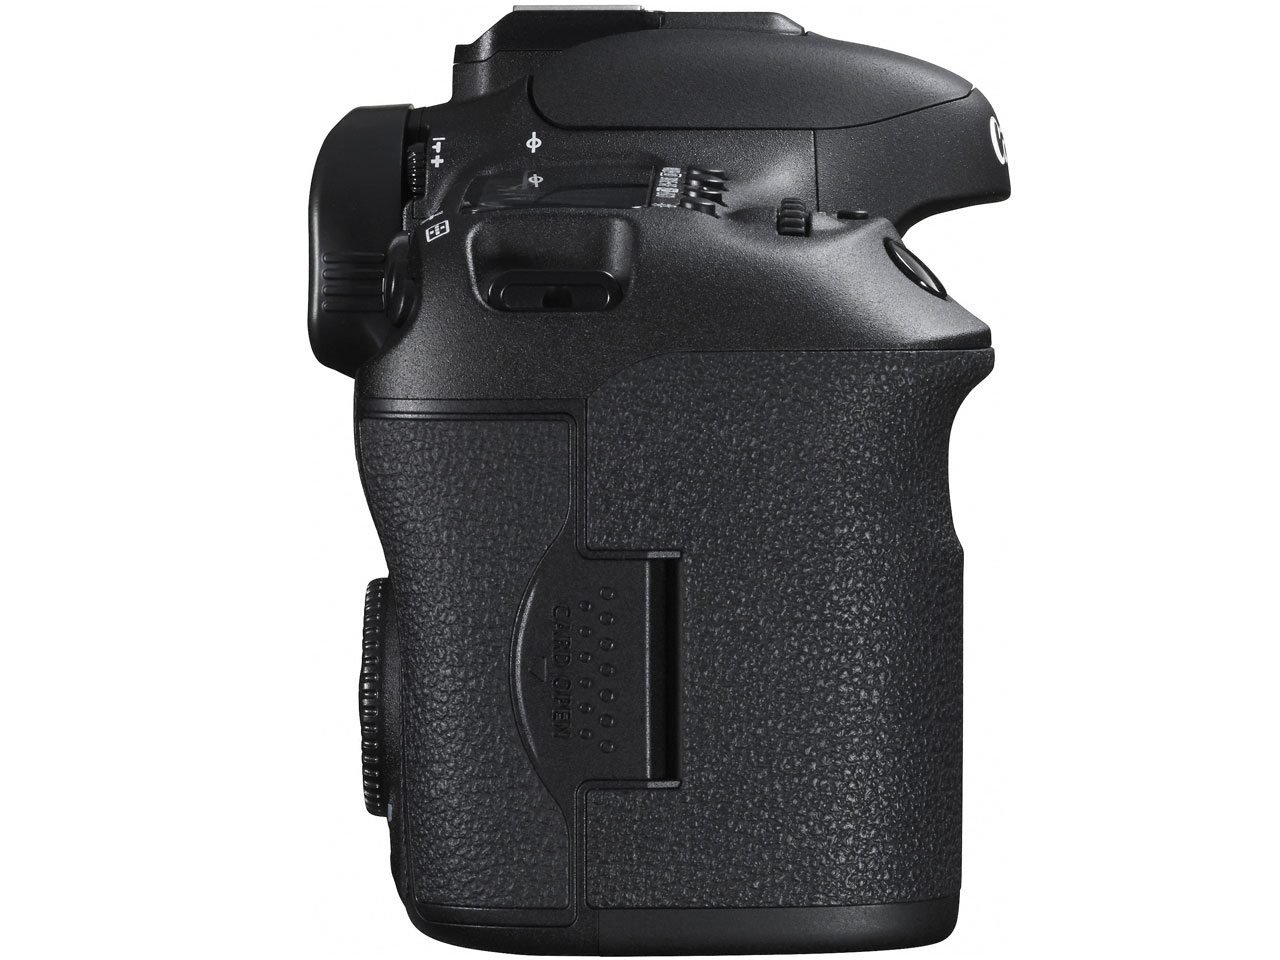 『本体 左側面』 EOS 7D Mark II ボディ の製品画像